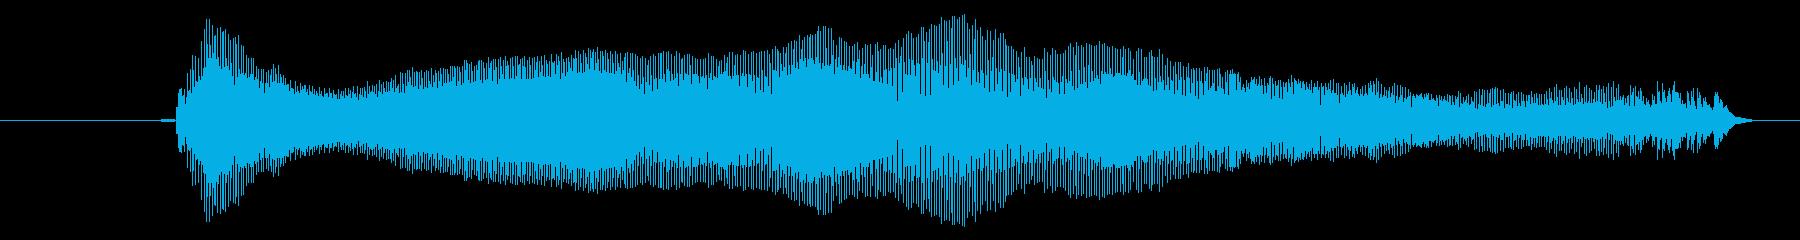 鳴き声 リトルガールクライアー01の再生済みの波形